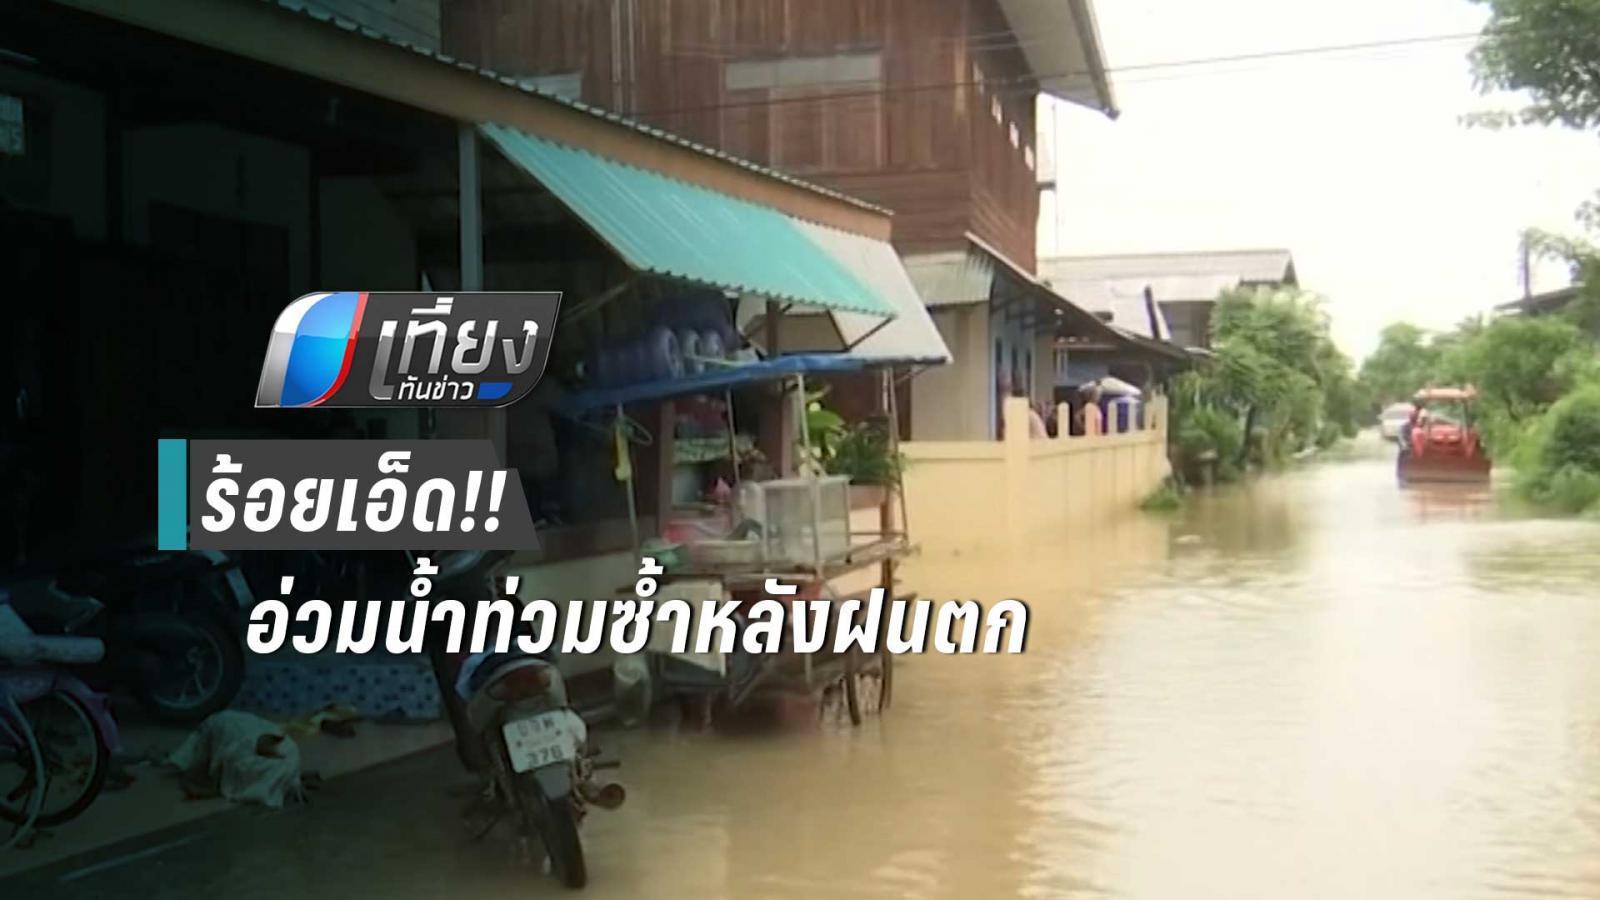 ชาวบ้านเสลภูมิ จ.ร้อยเอ็ด หวั่นน้ำท่วมซ้ำหลังฝนตกหนักต่อเนื่อง